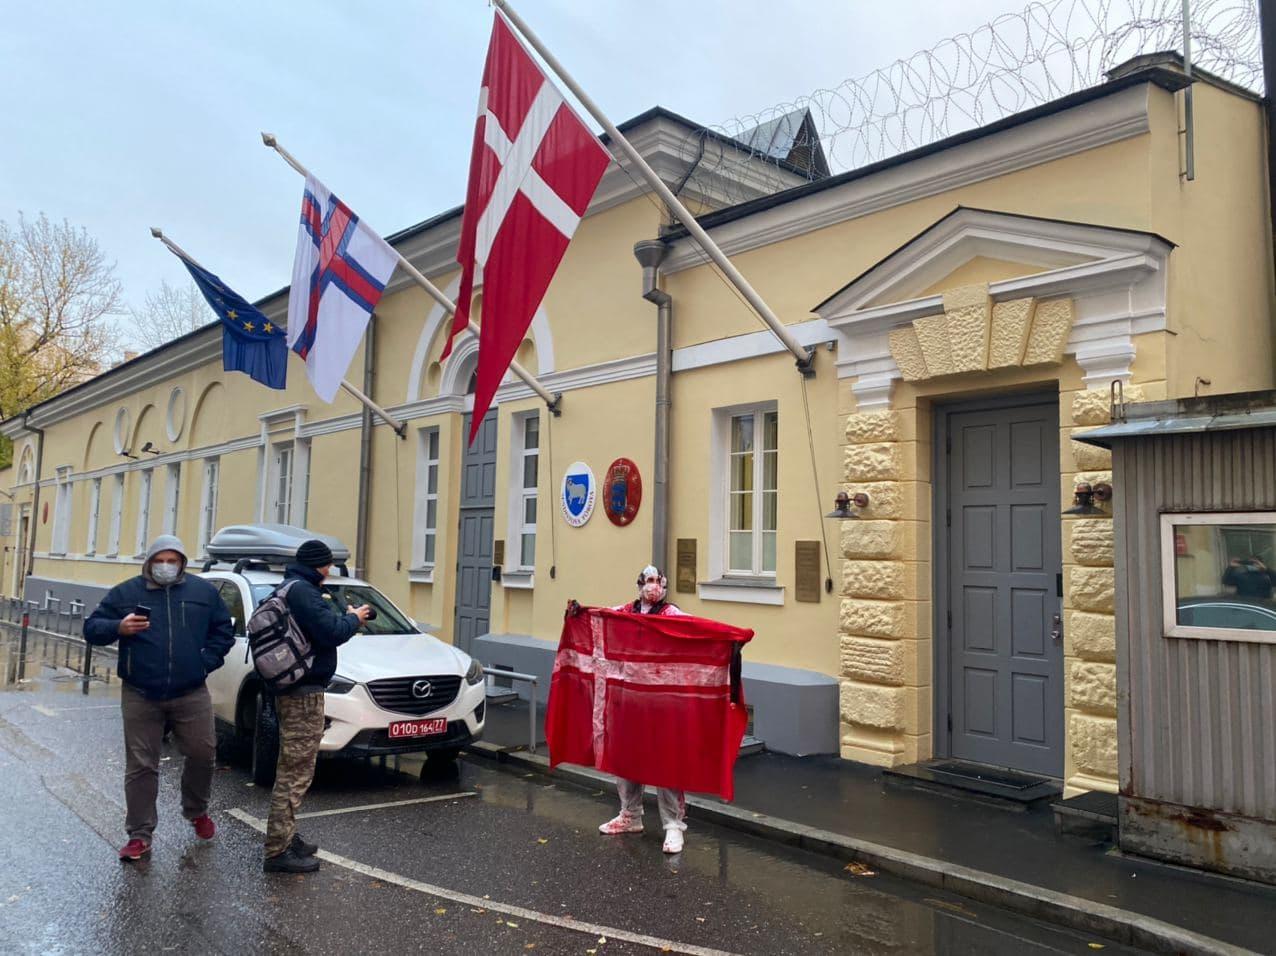 «Зелёная Альтернатива» провела акцию против убийства 12 млн норок у посольства Дании 2